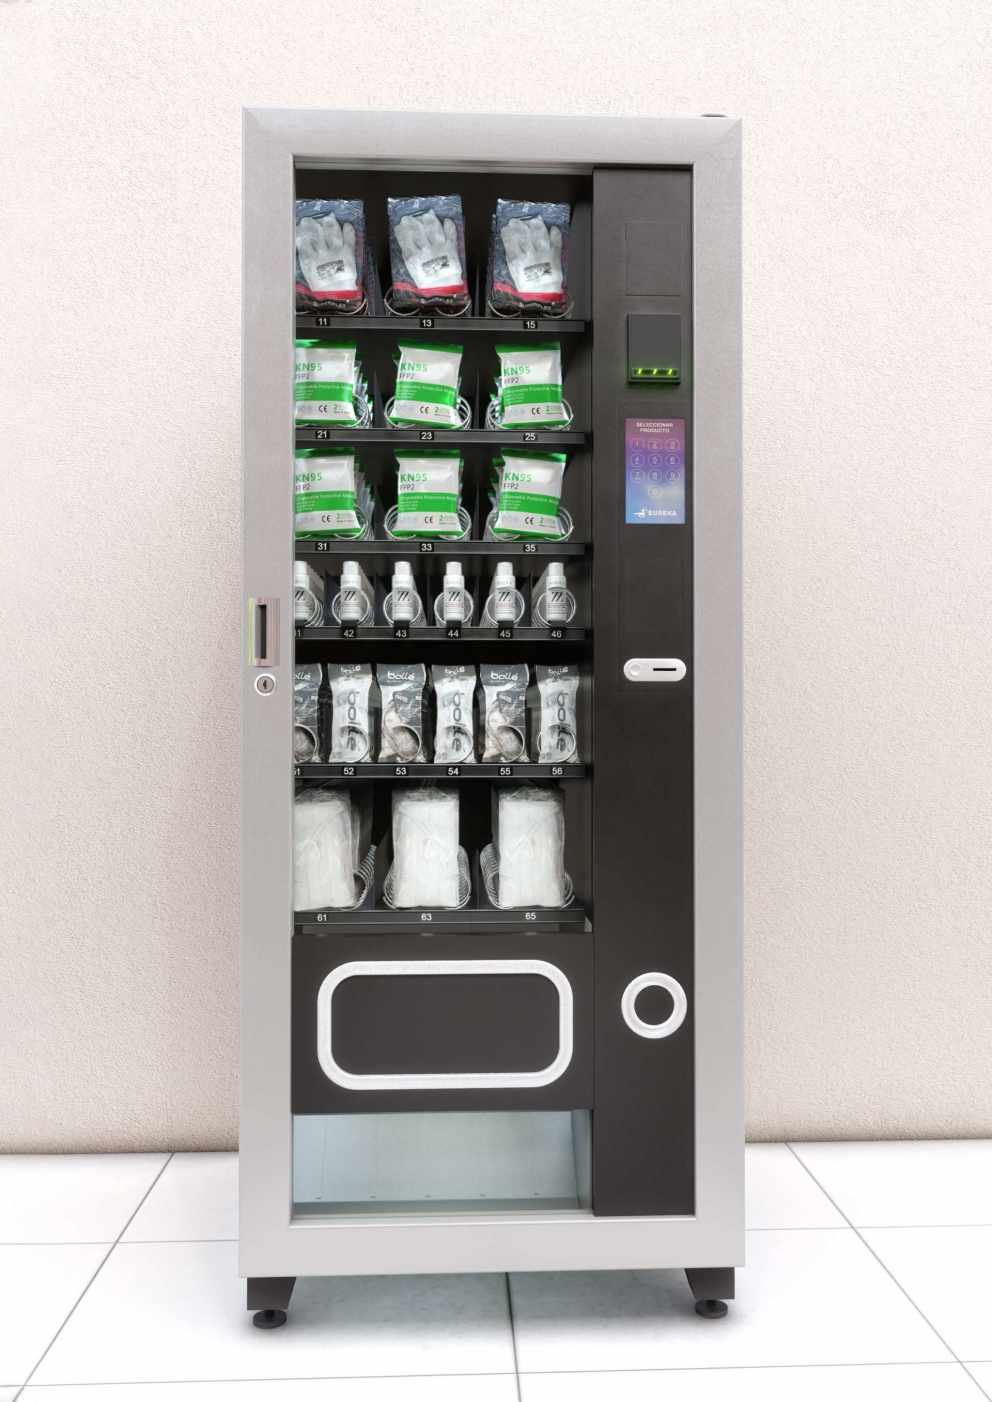 Podrás comprar mascarillas en máquinas expendedoras en el metro - novedades, lugares